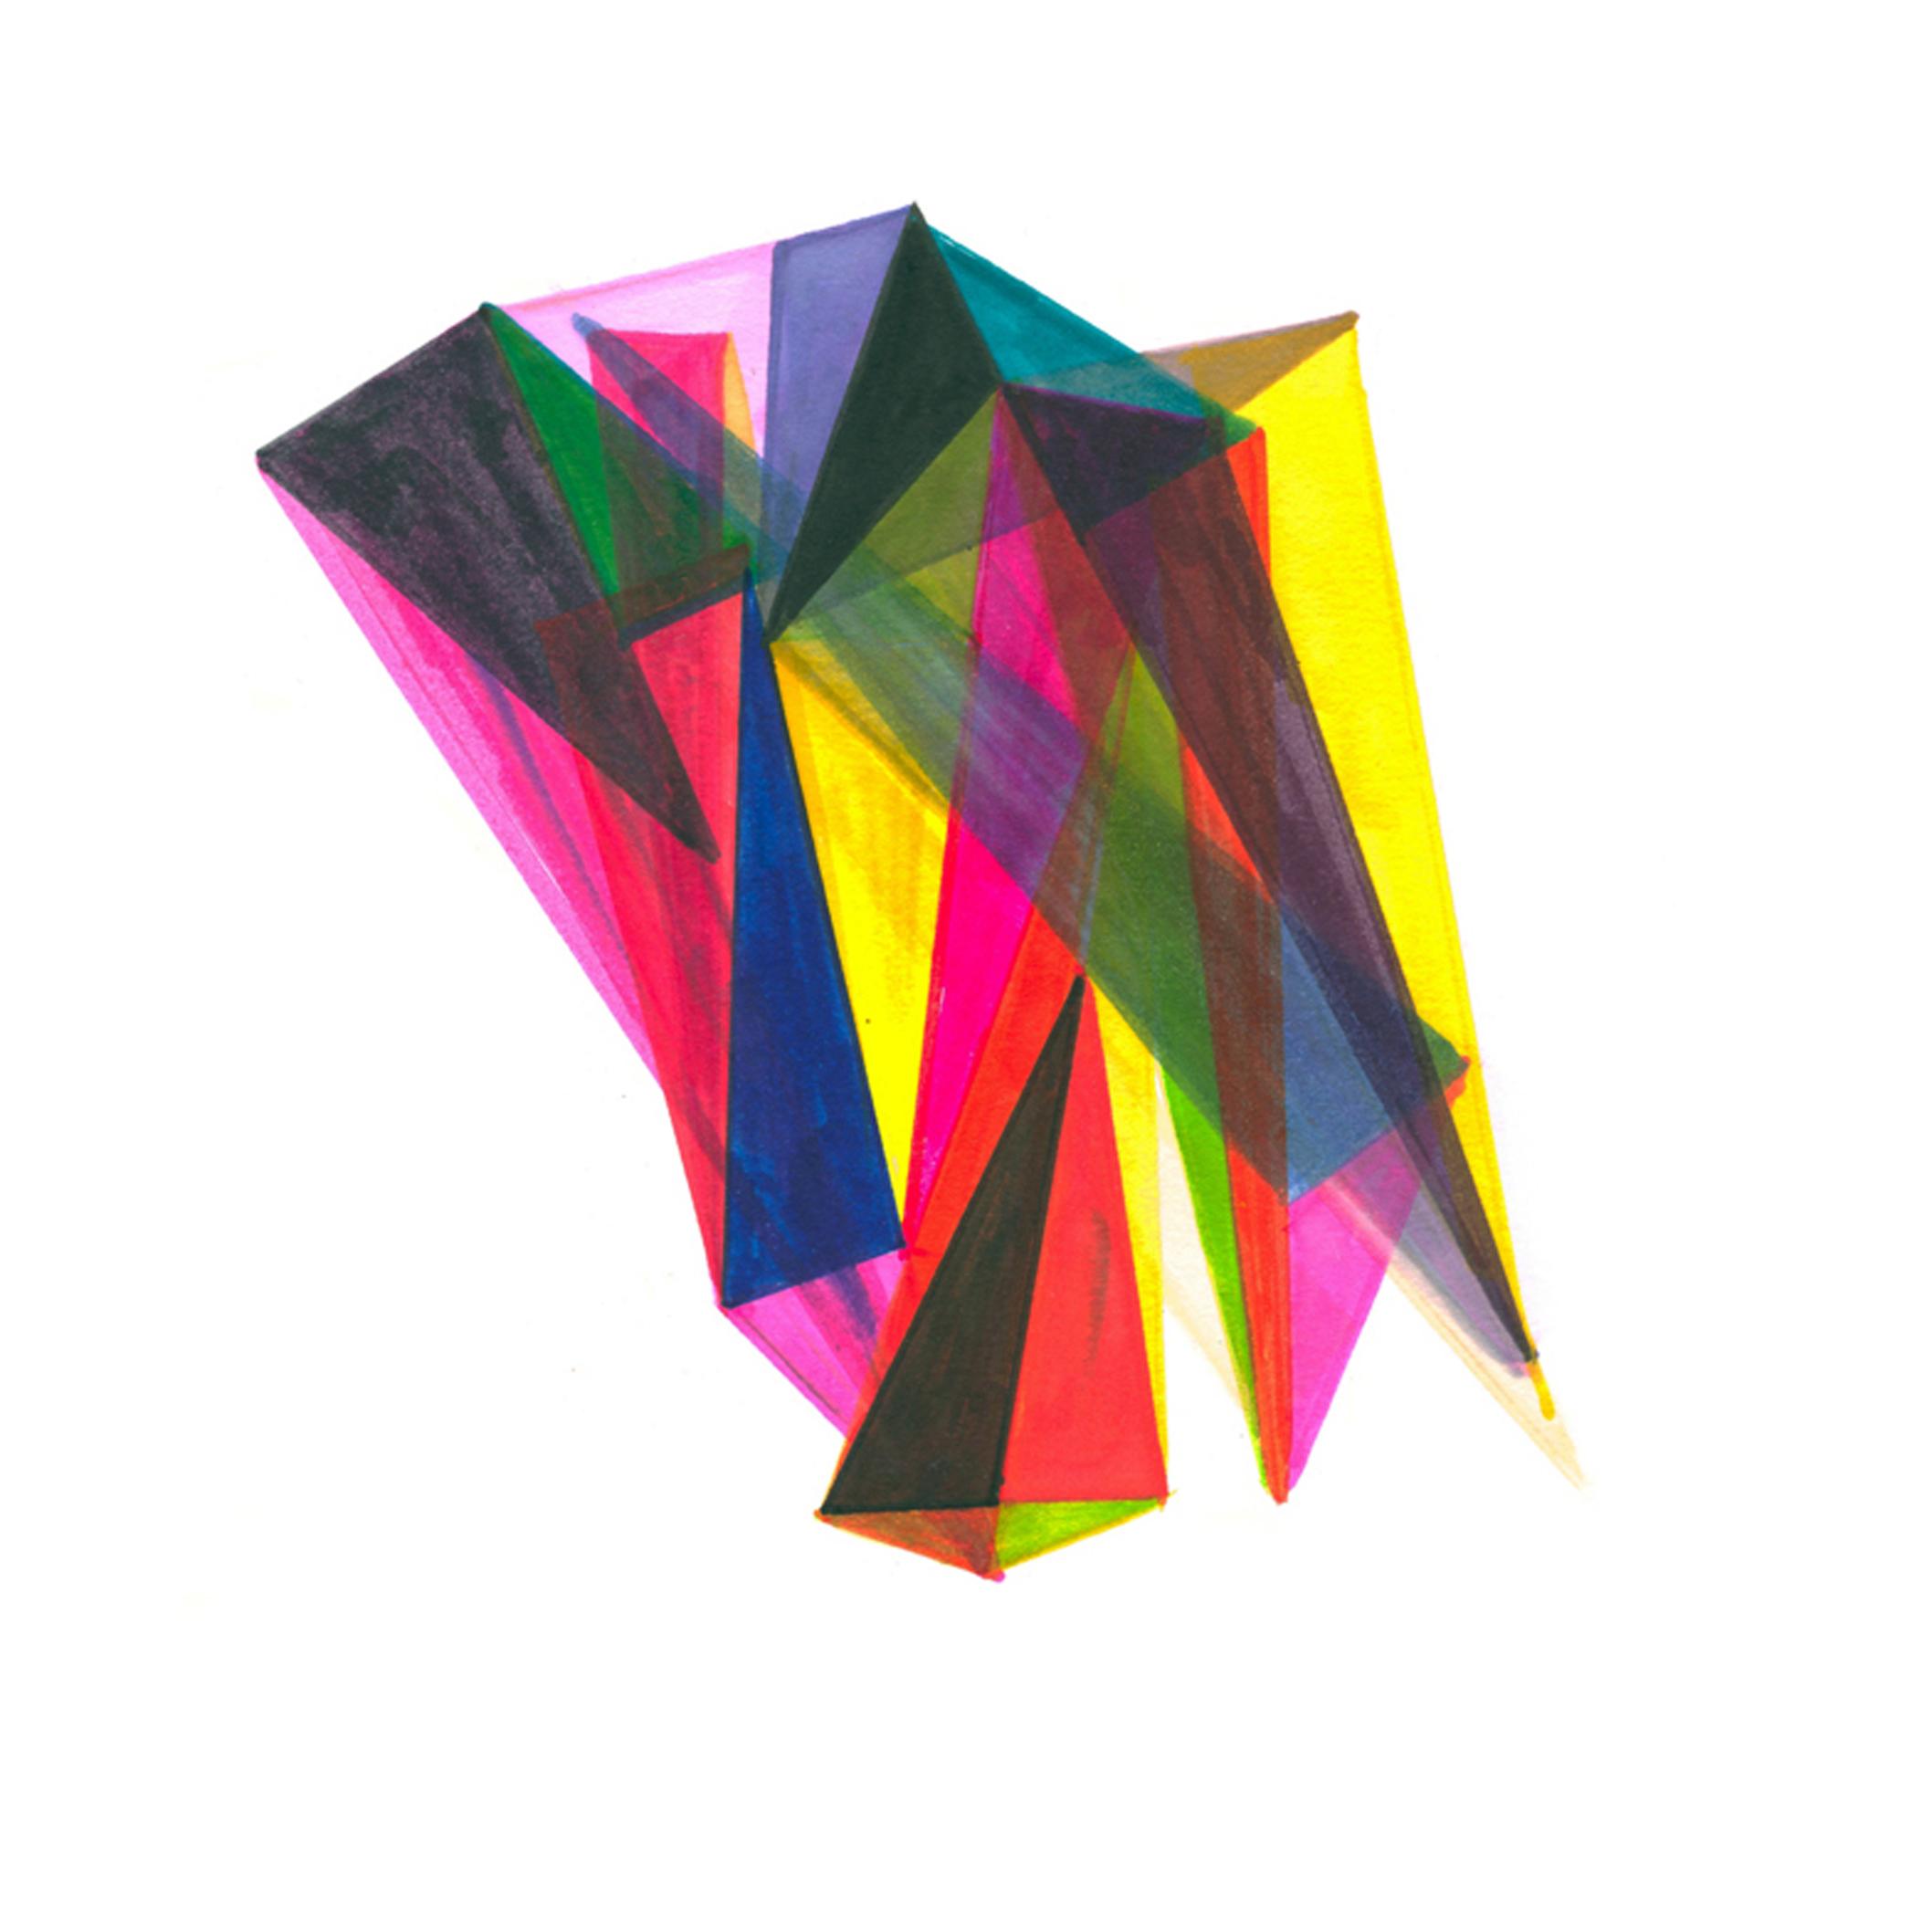 33 kate wilson geometric mechanics.jpg